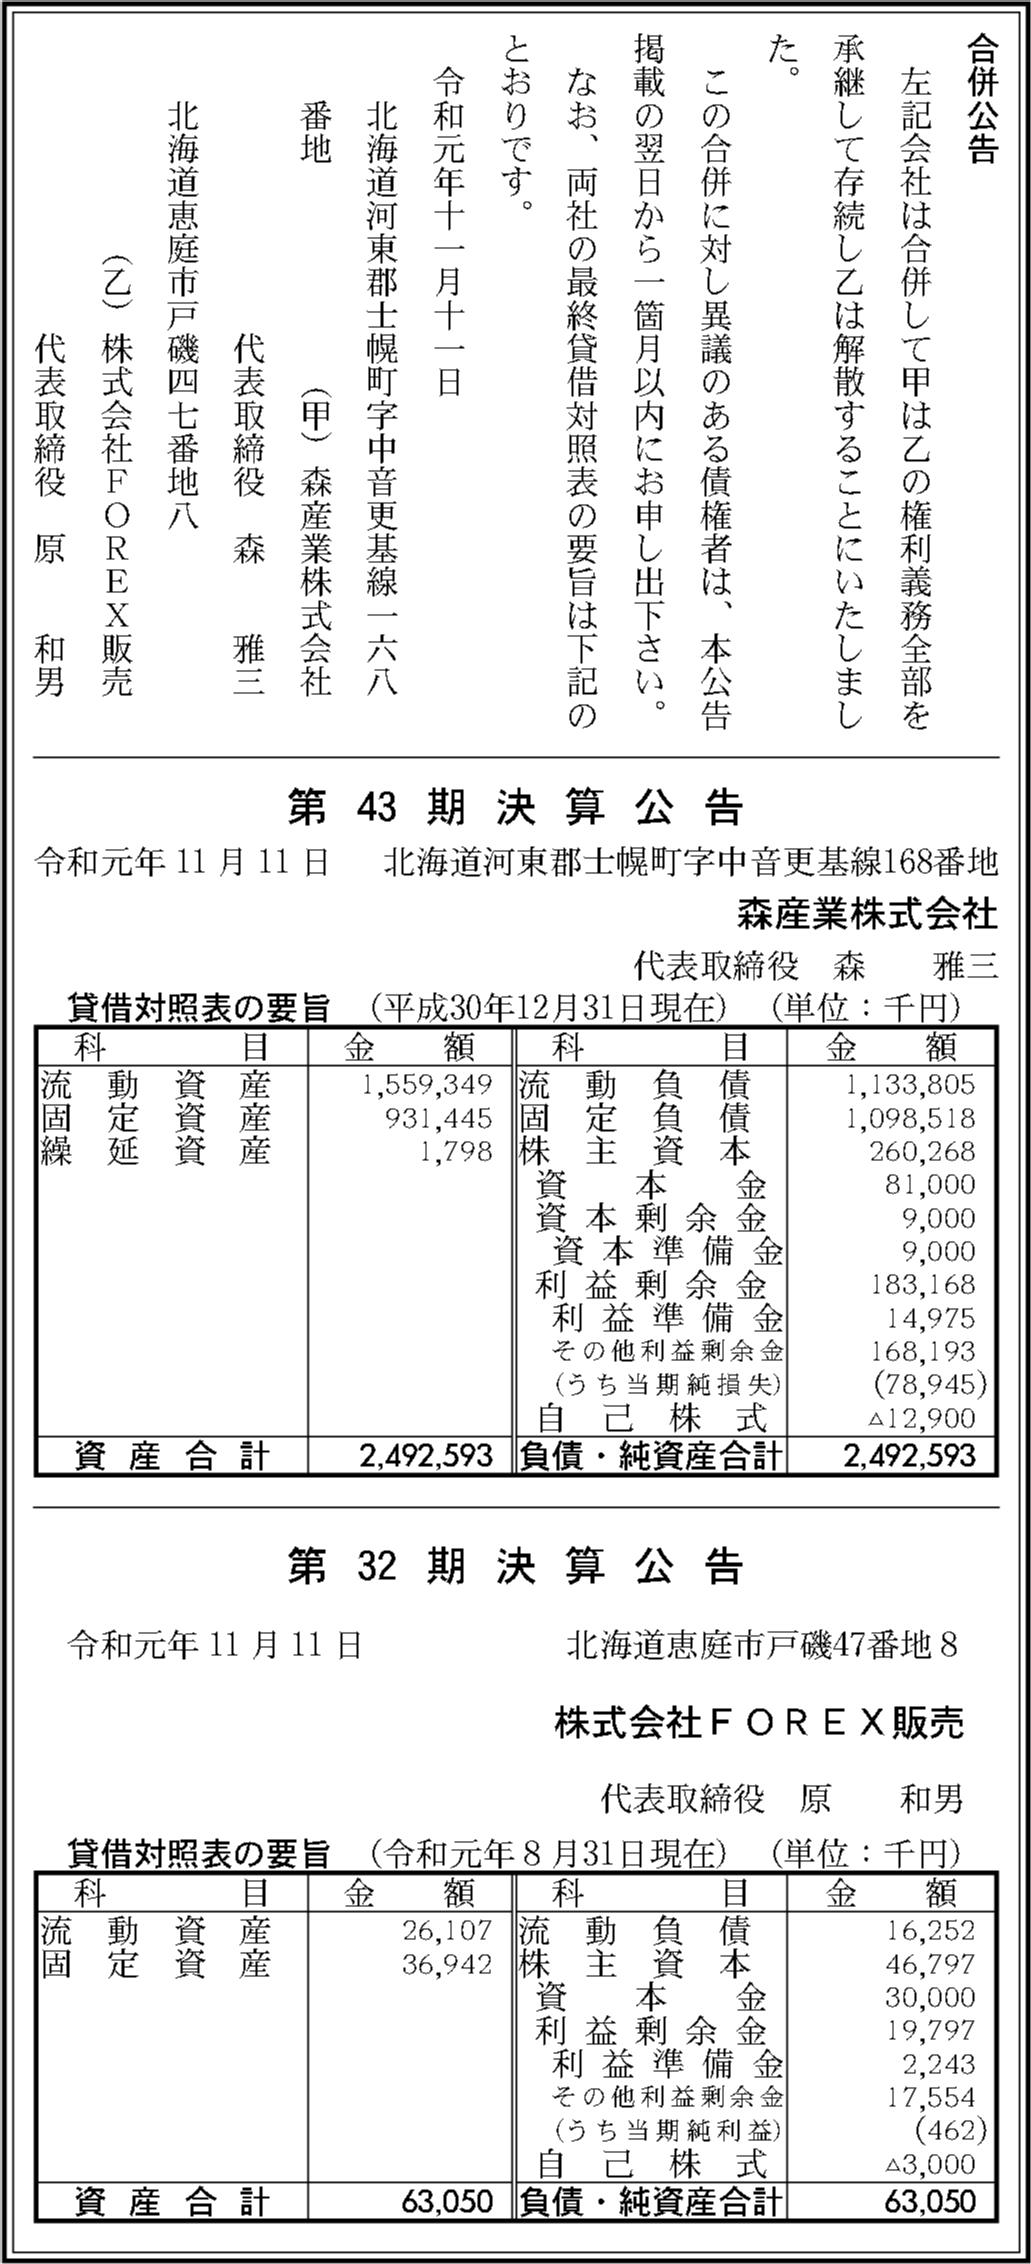 0031 d085c6e09747439355316e084f727a91fab458c38a968996d029f6c2589fcb9c9269a4fa641e559a2199ea5e7dc6d2cee51edddfffe2bd3ec4d59c23d2fa767a 04